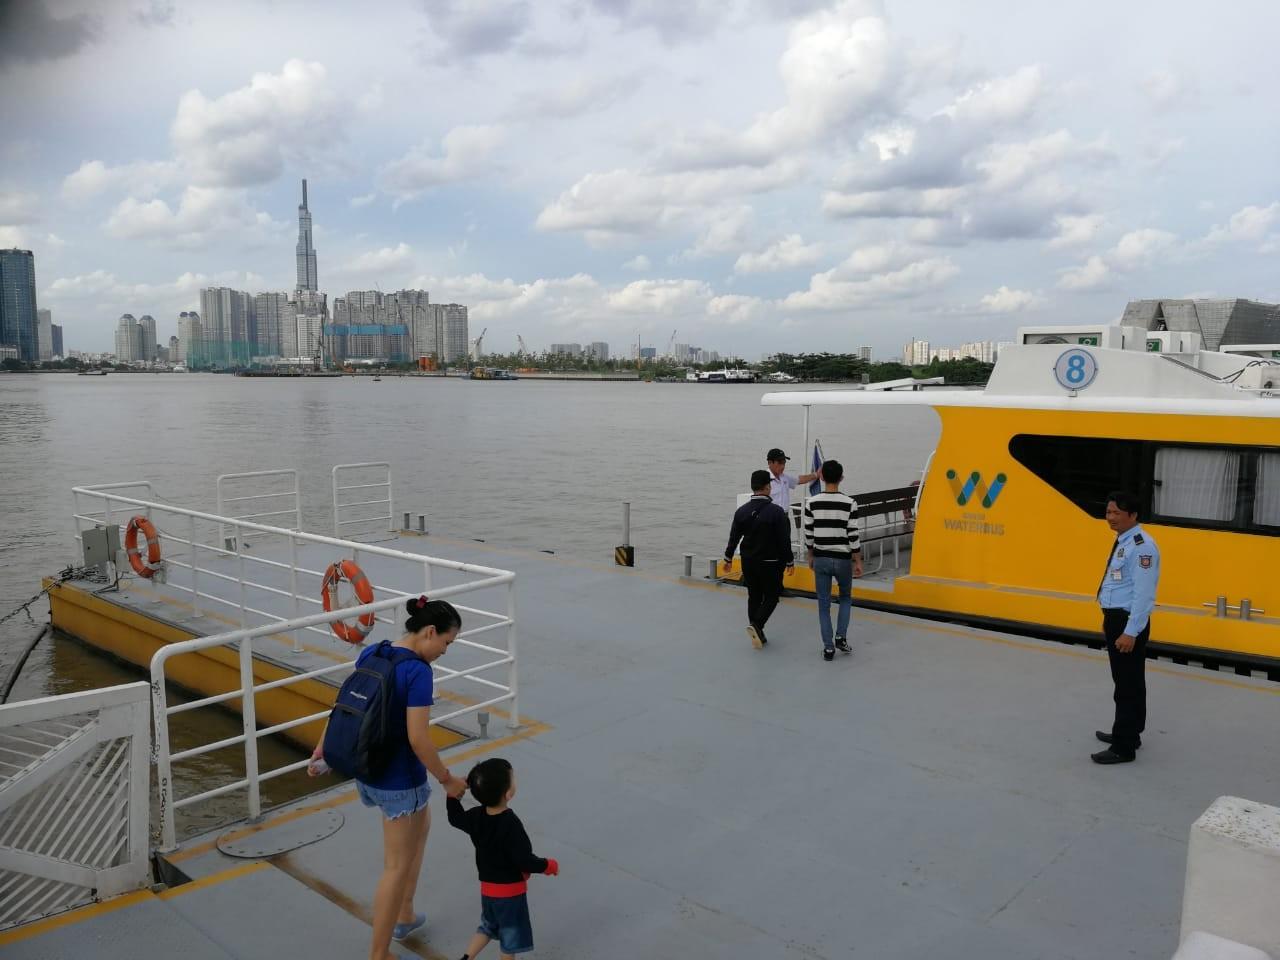 Passengers embark the Saigon water bus at Bach Dang Station.